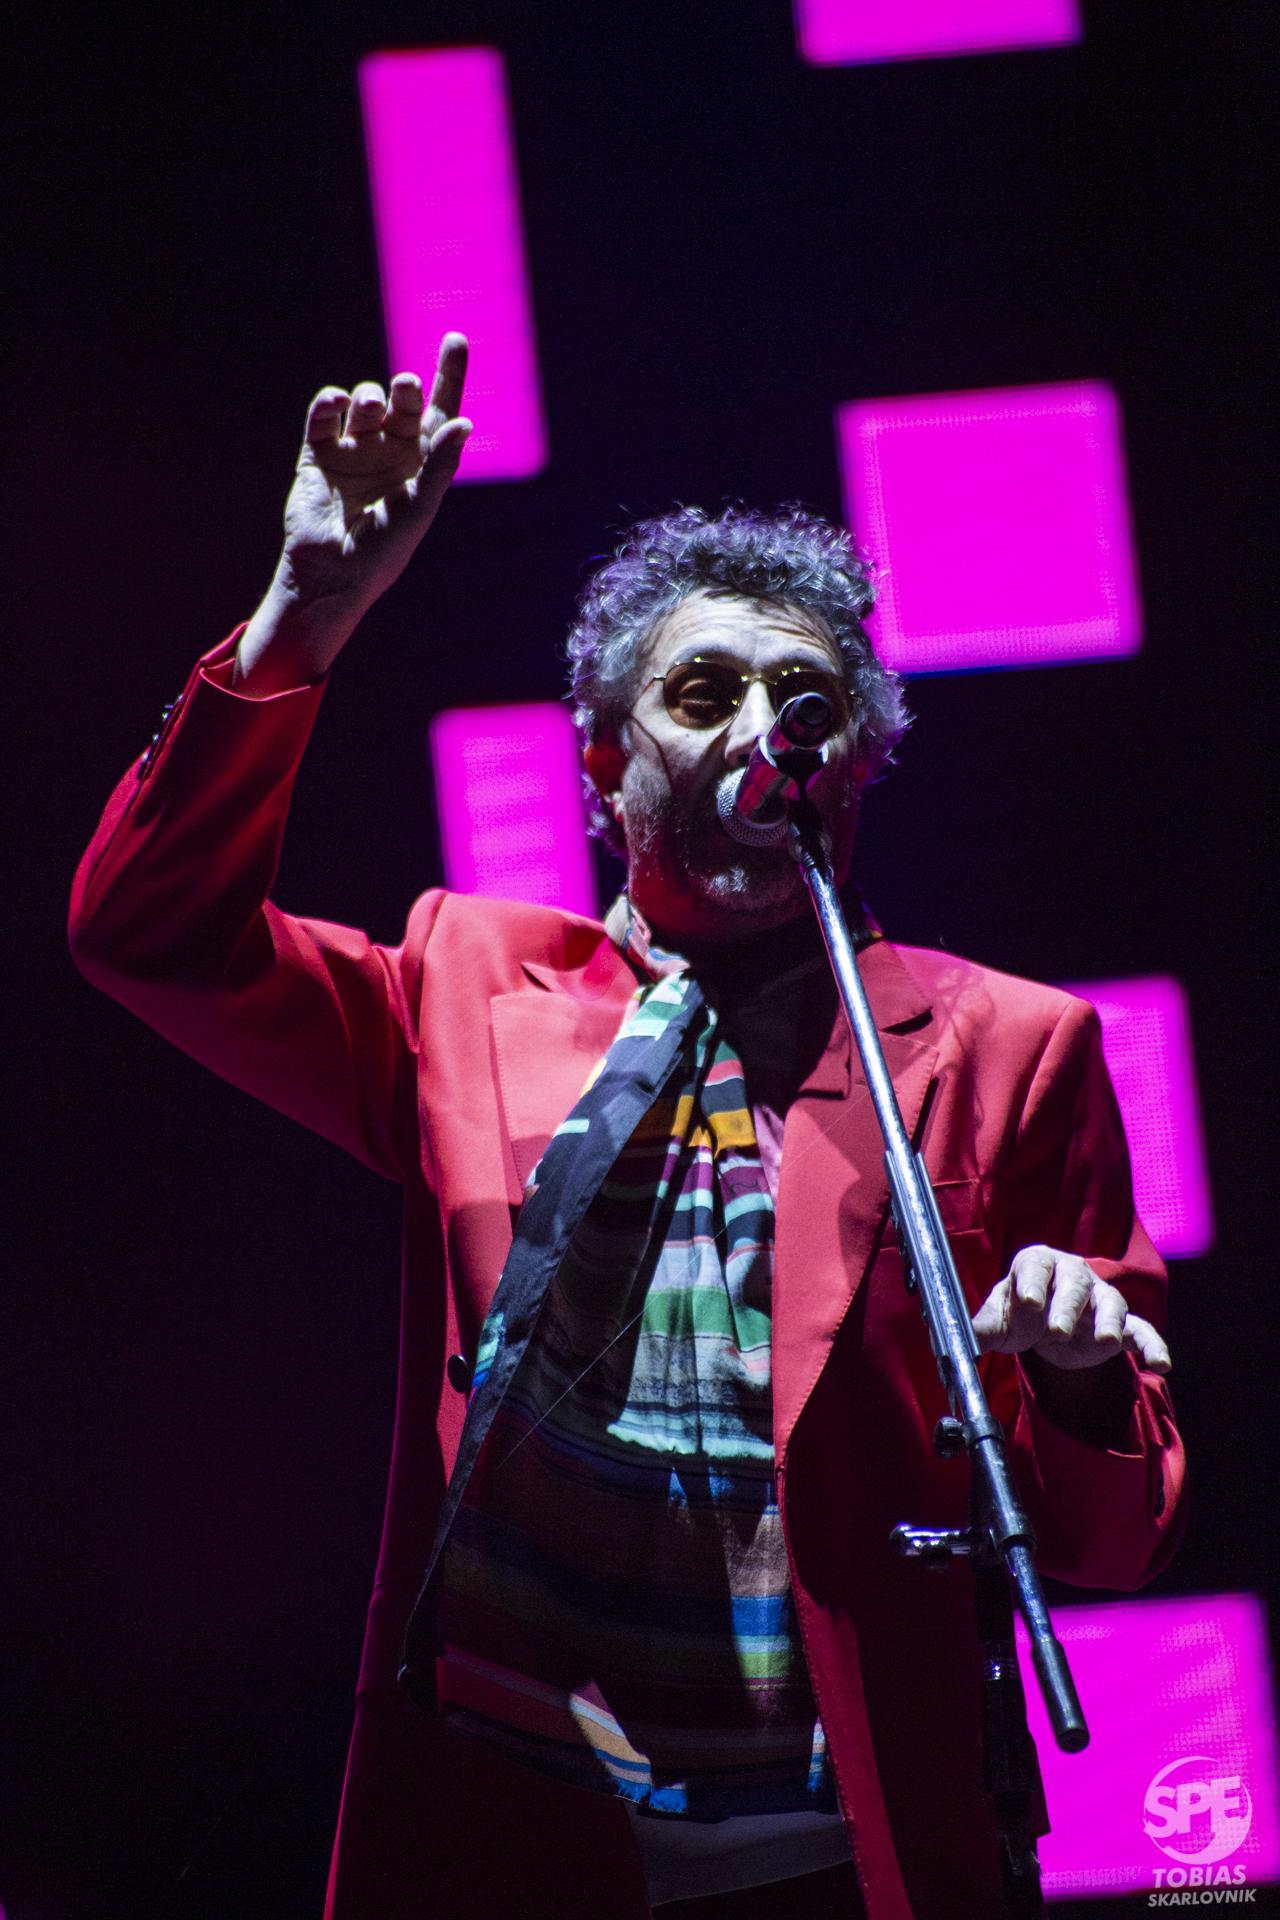 Fito Paez (@fitopaezmusica) en su show en el marco del Movistar Fri Music, realizado el 9 de junio en el Hipodromo de Palermo de Buenos Aires, Argentina. 9 de Junio de 2019.Foto de: Tobias Skarlovnik